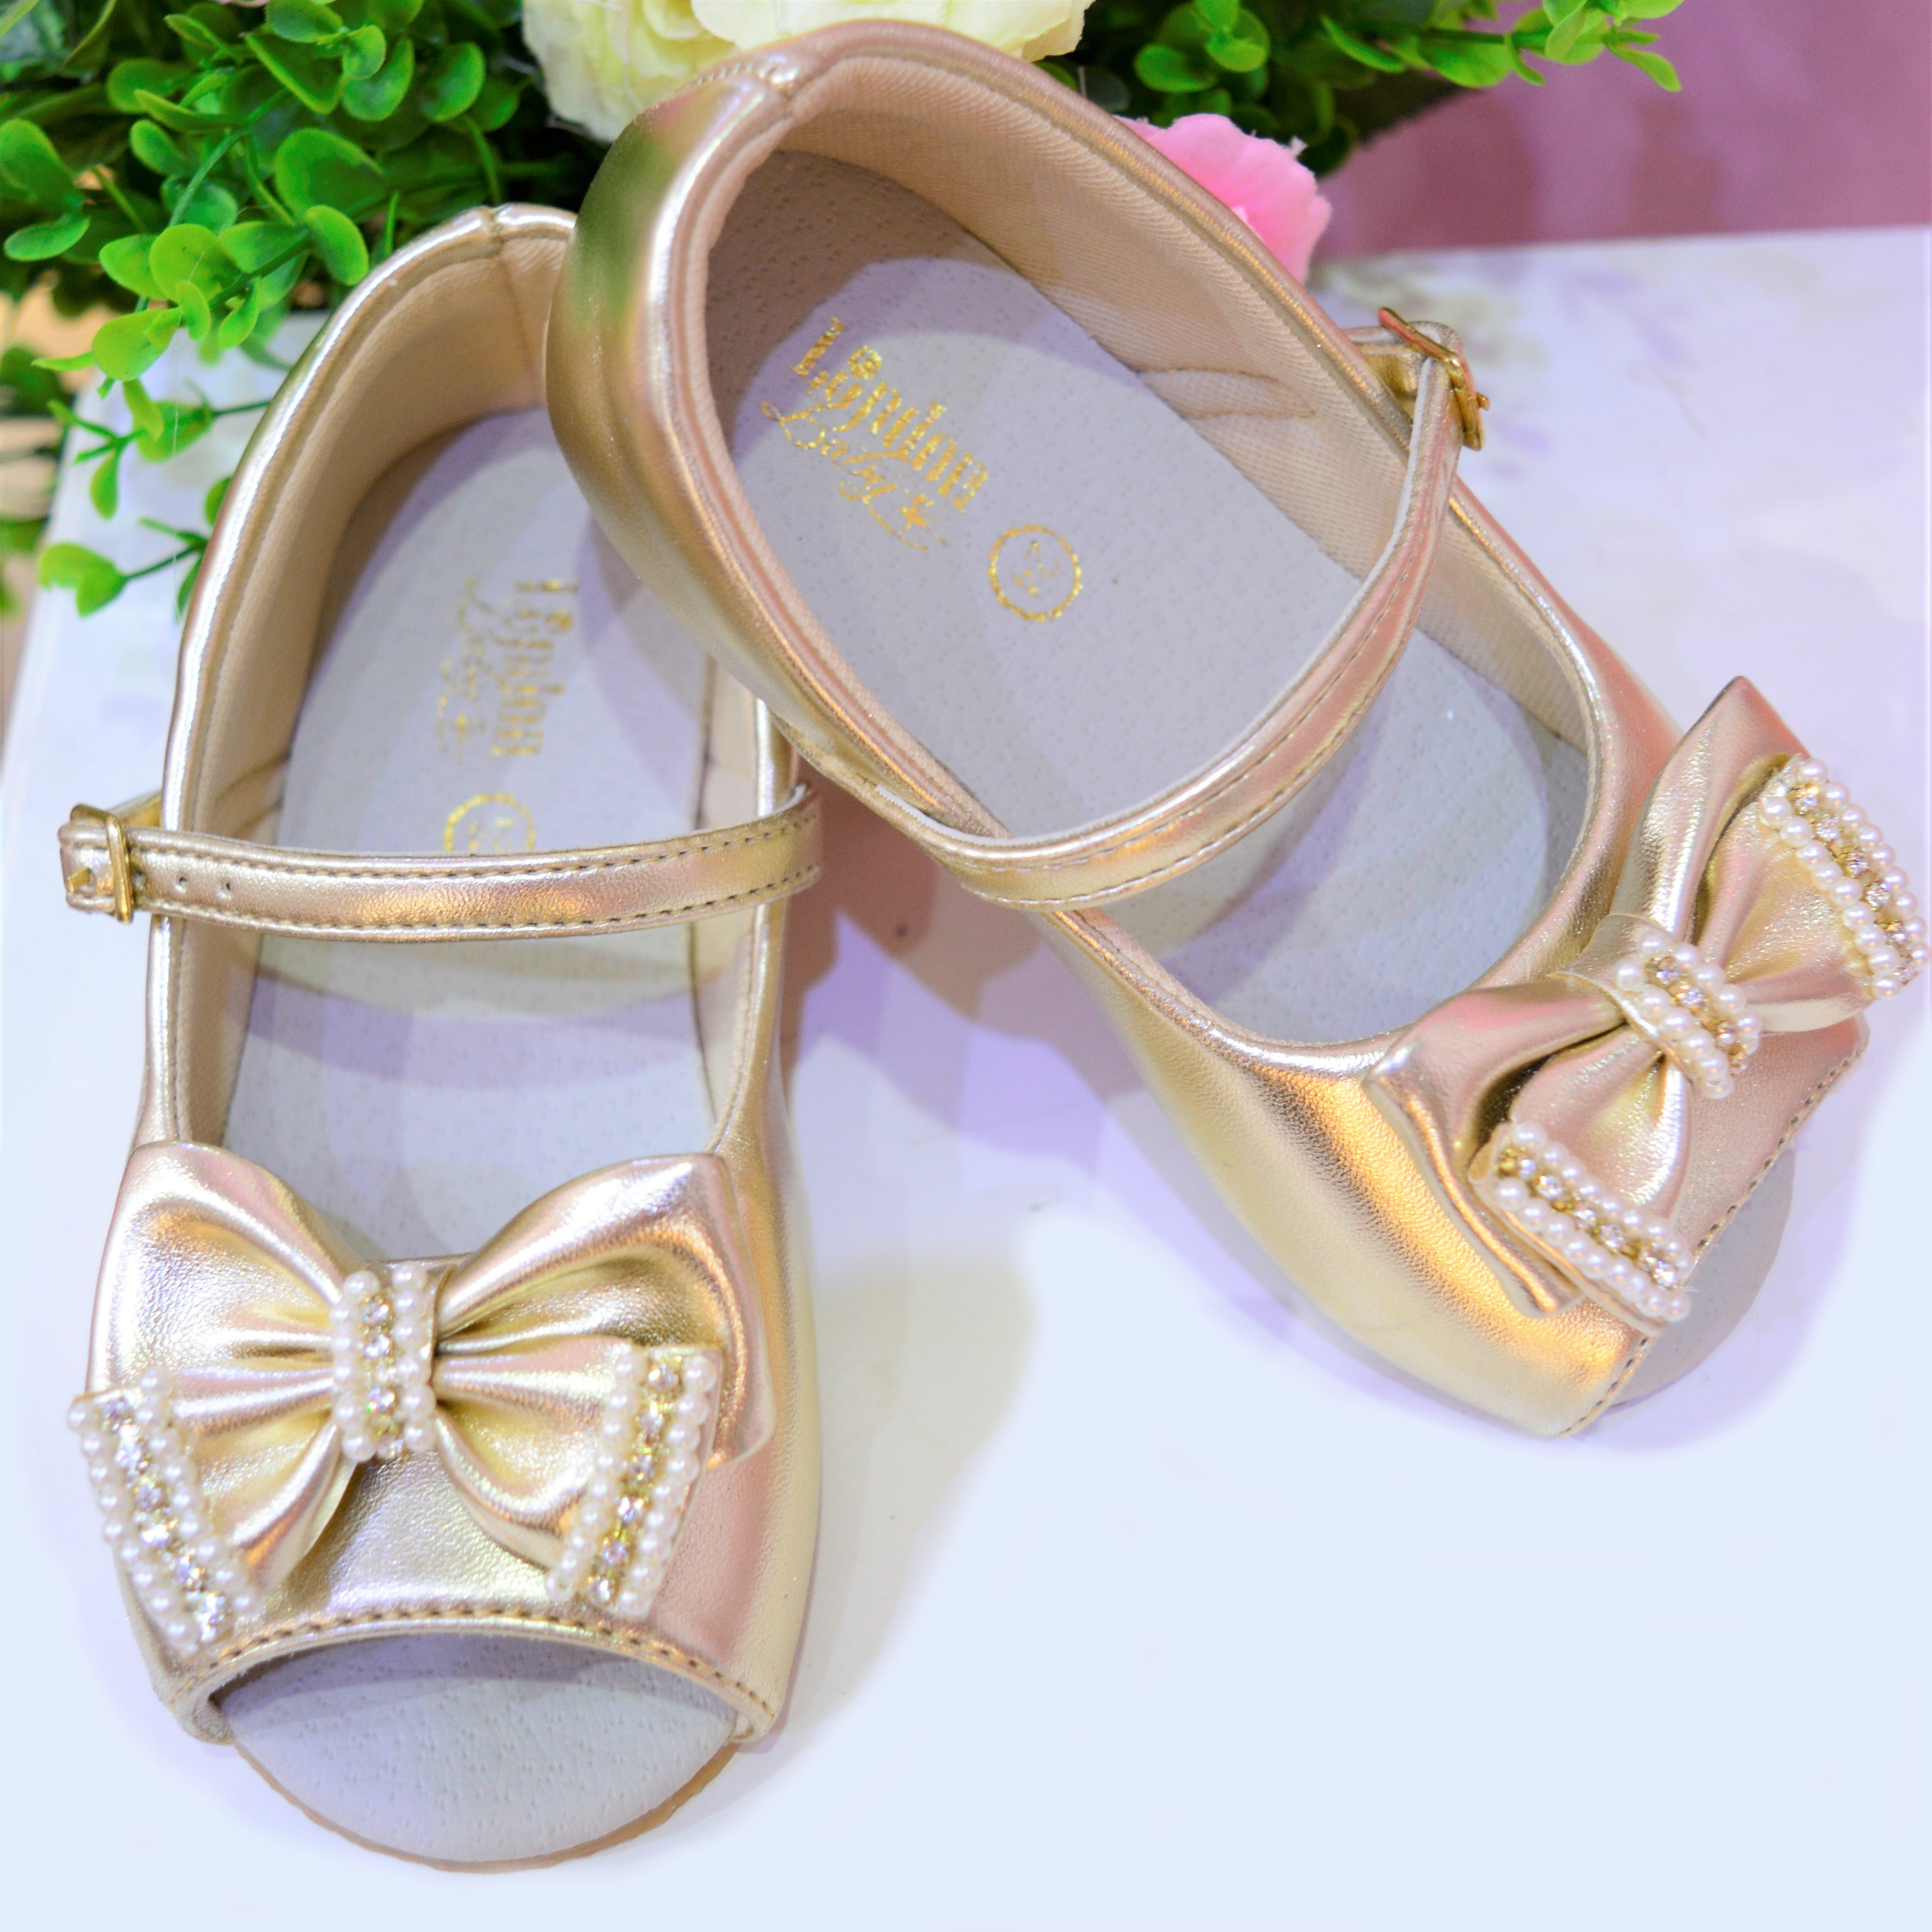 05aacf71b Sapato de menina para festa Dourado no Elo7